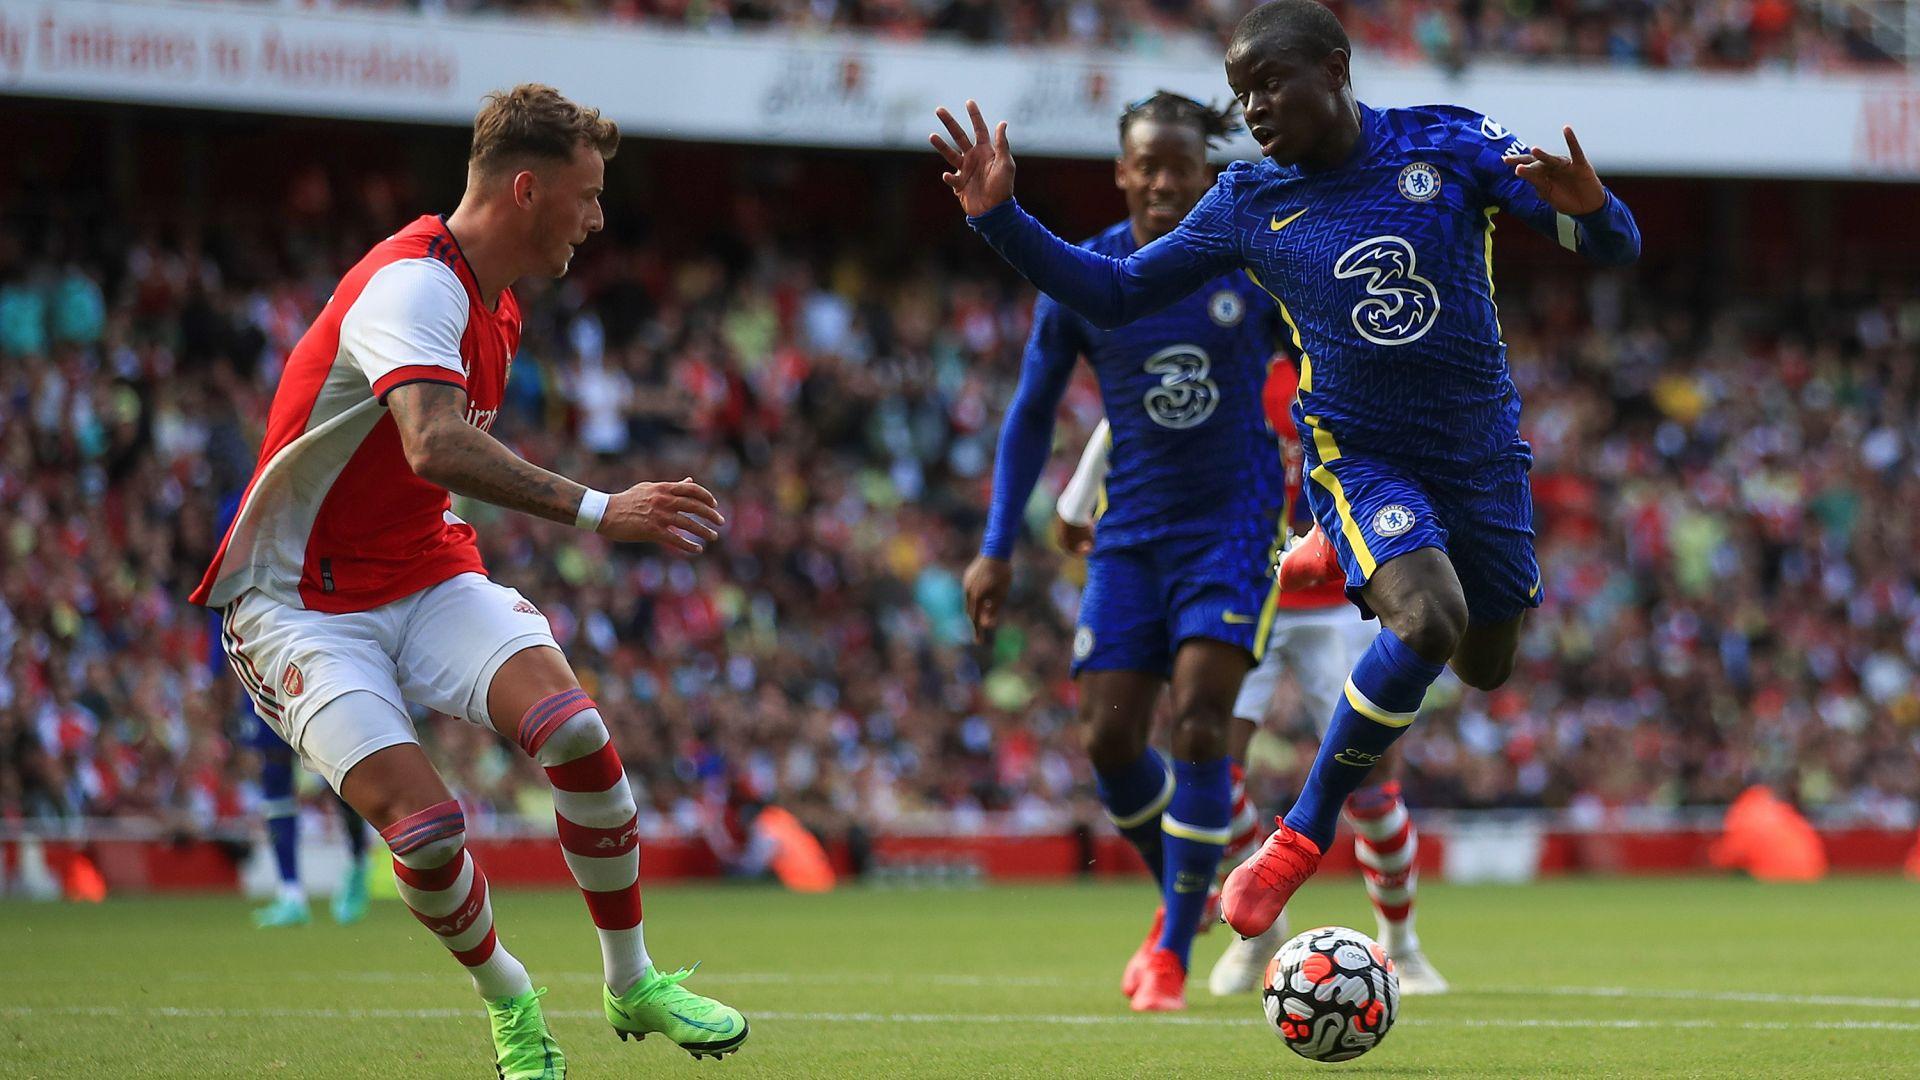 Готов ли е Арсенал да се заяви срещу европейския клубен шампион?